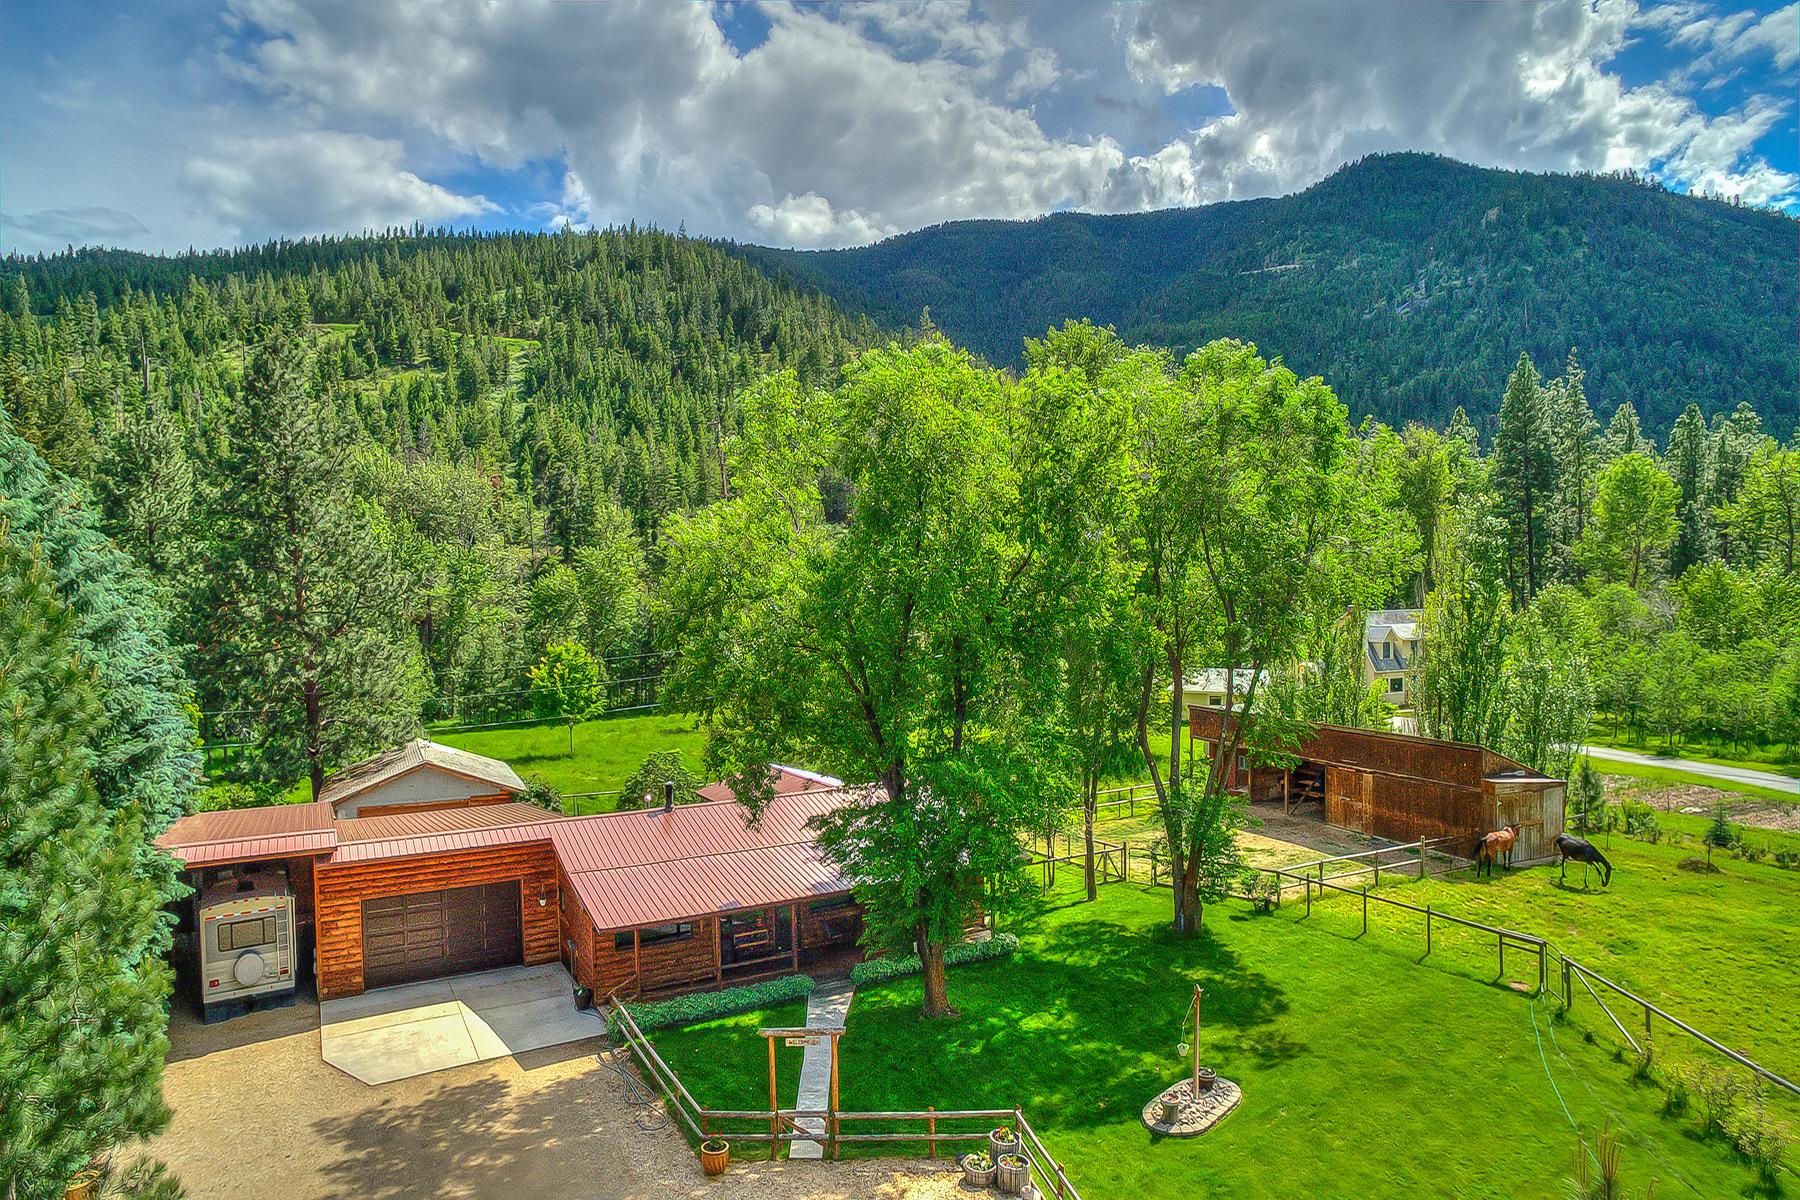 단독 가정 주택 용 매매 에 10585 Lolo Creek 10585 Lolo Creek Rd Lolo, 몬타나, 59847 미국